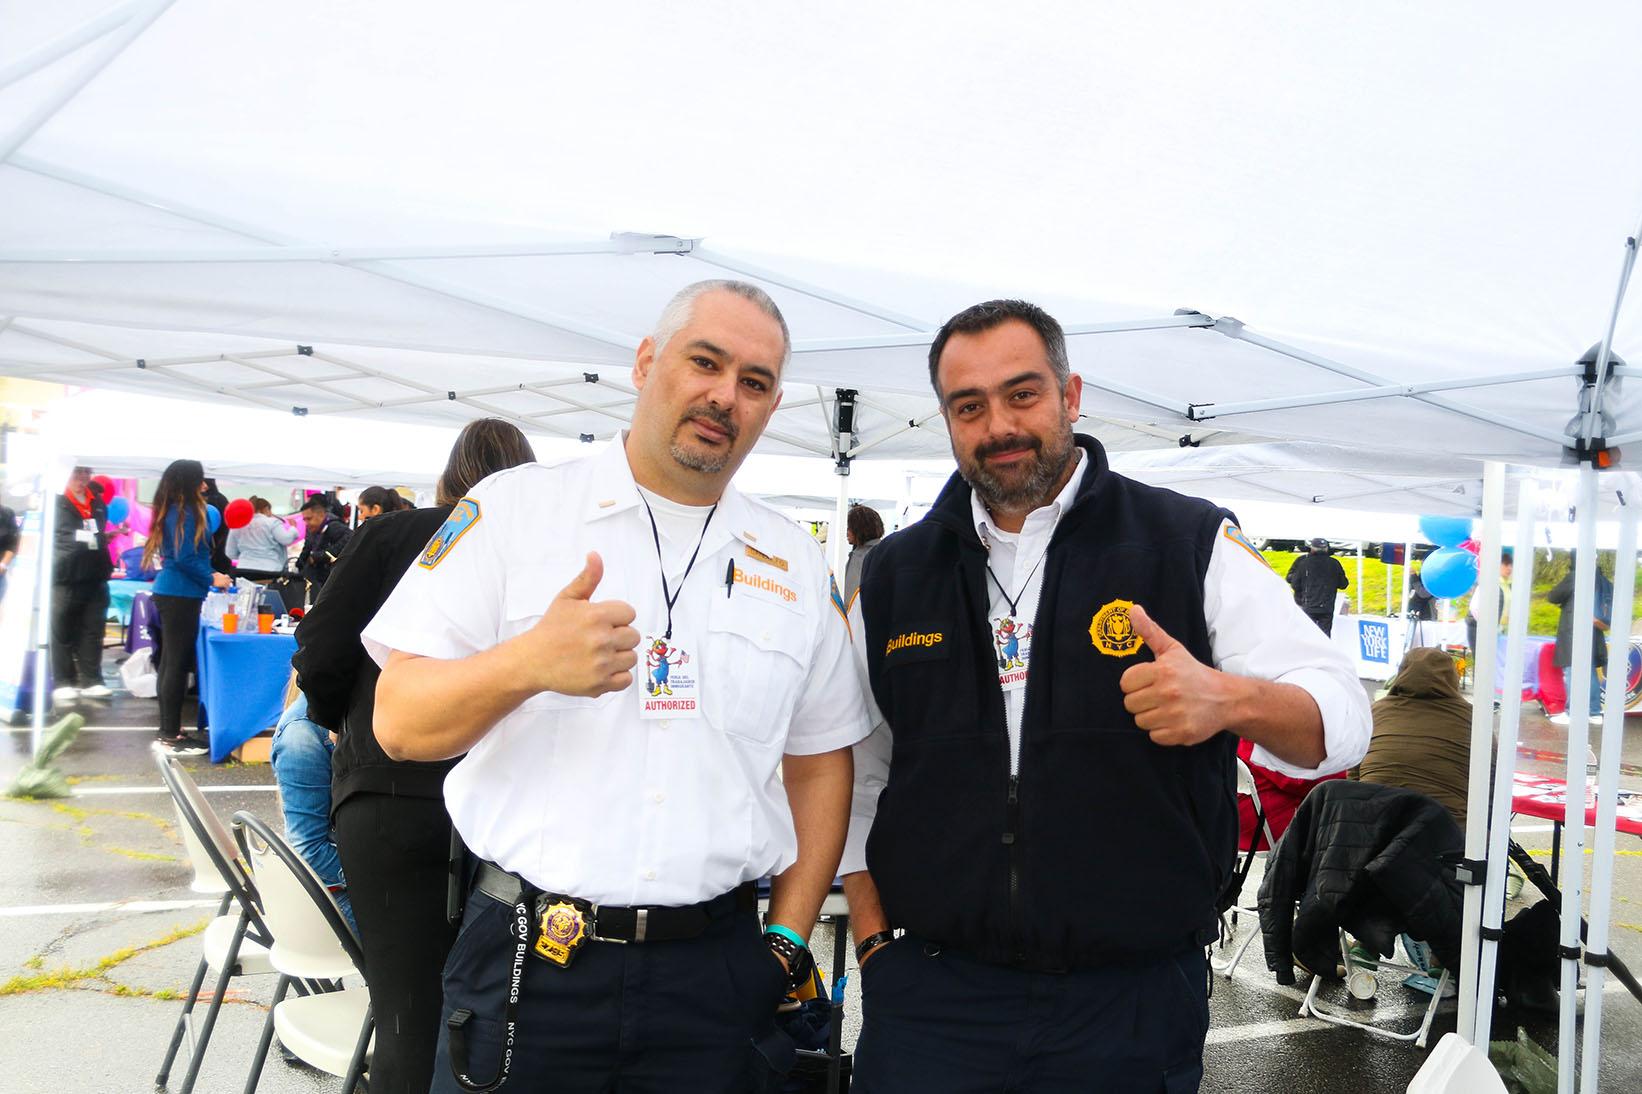 Miembros del Departamento de Edificios de la Ciudad de Nueva York en la Feria del Trabajador Inmigrante.